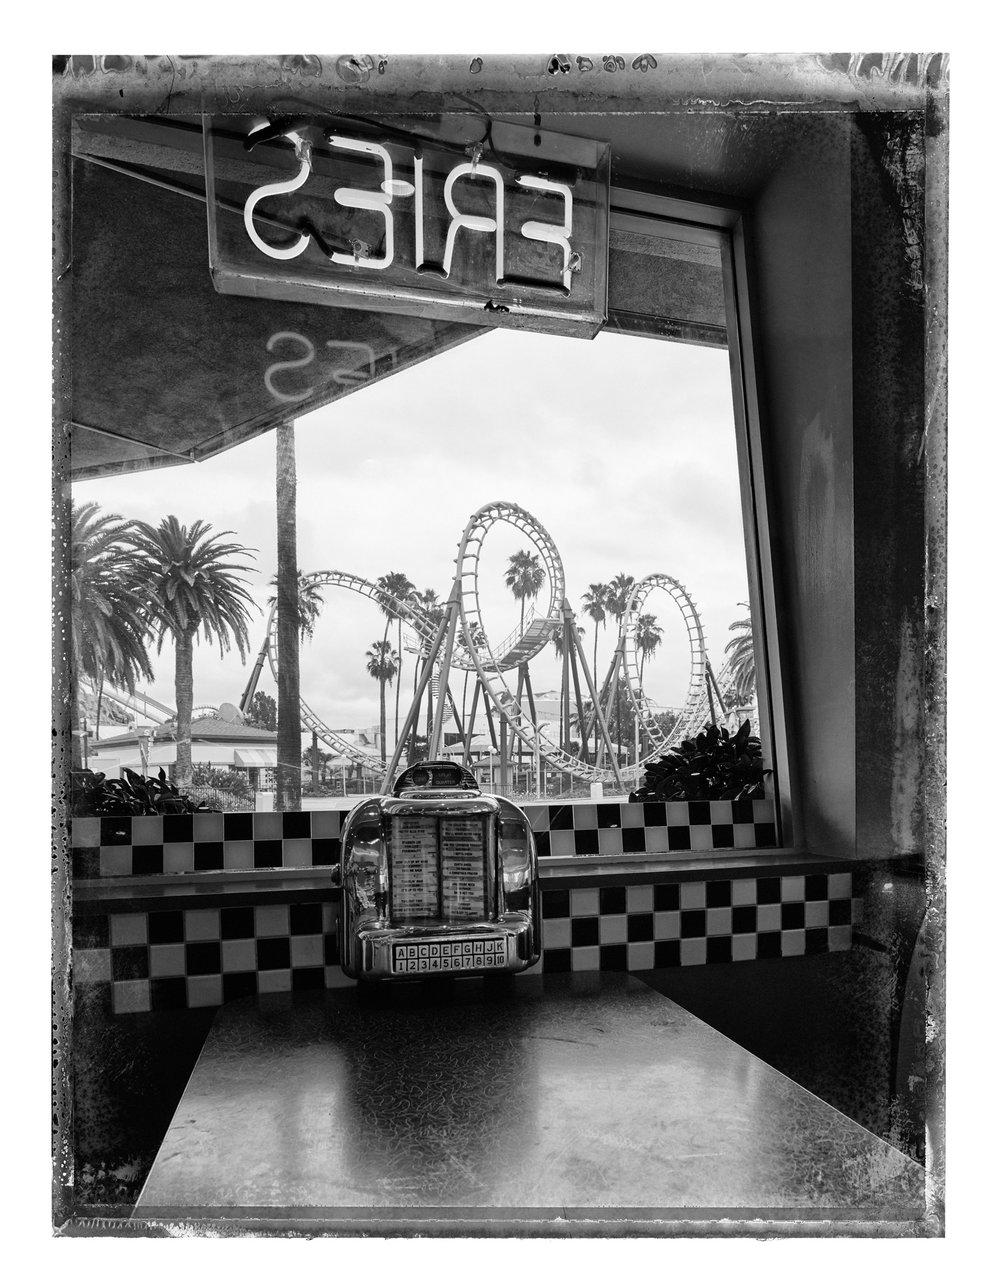 33_Coasters_Drive_In_I.jpg